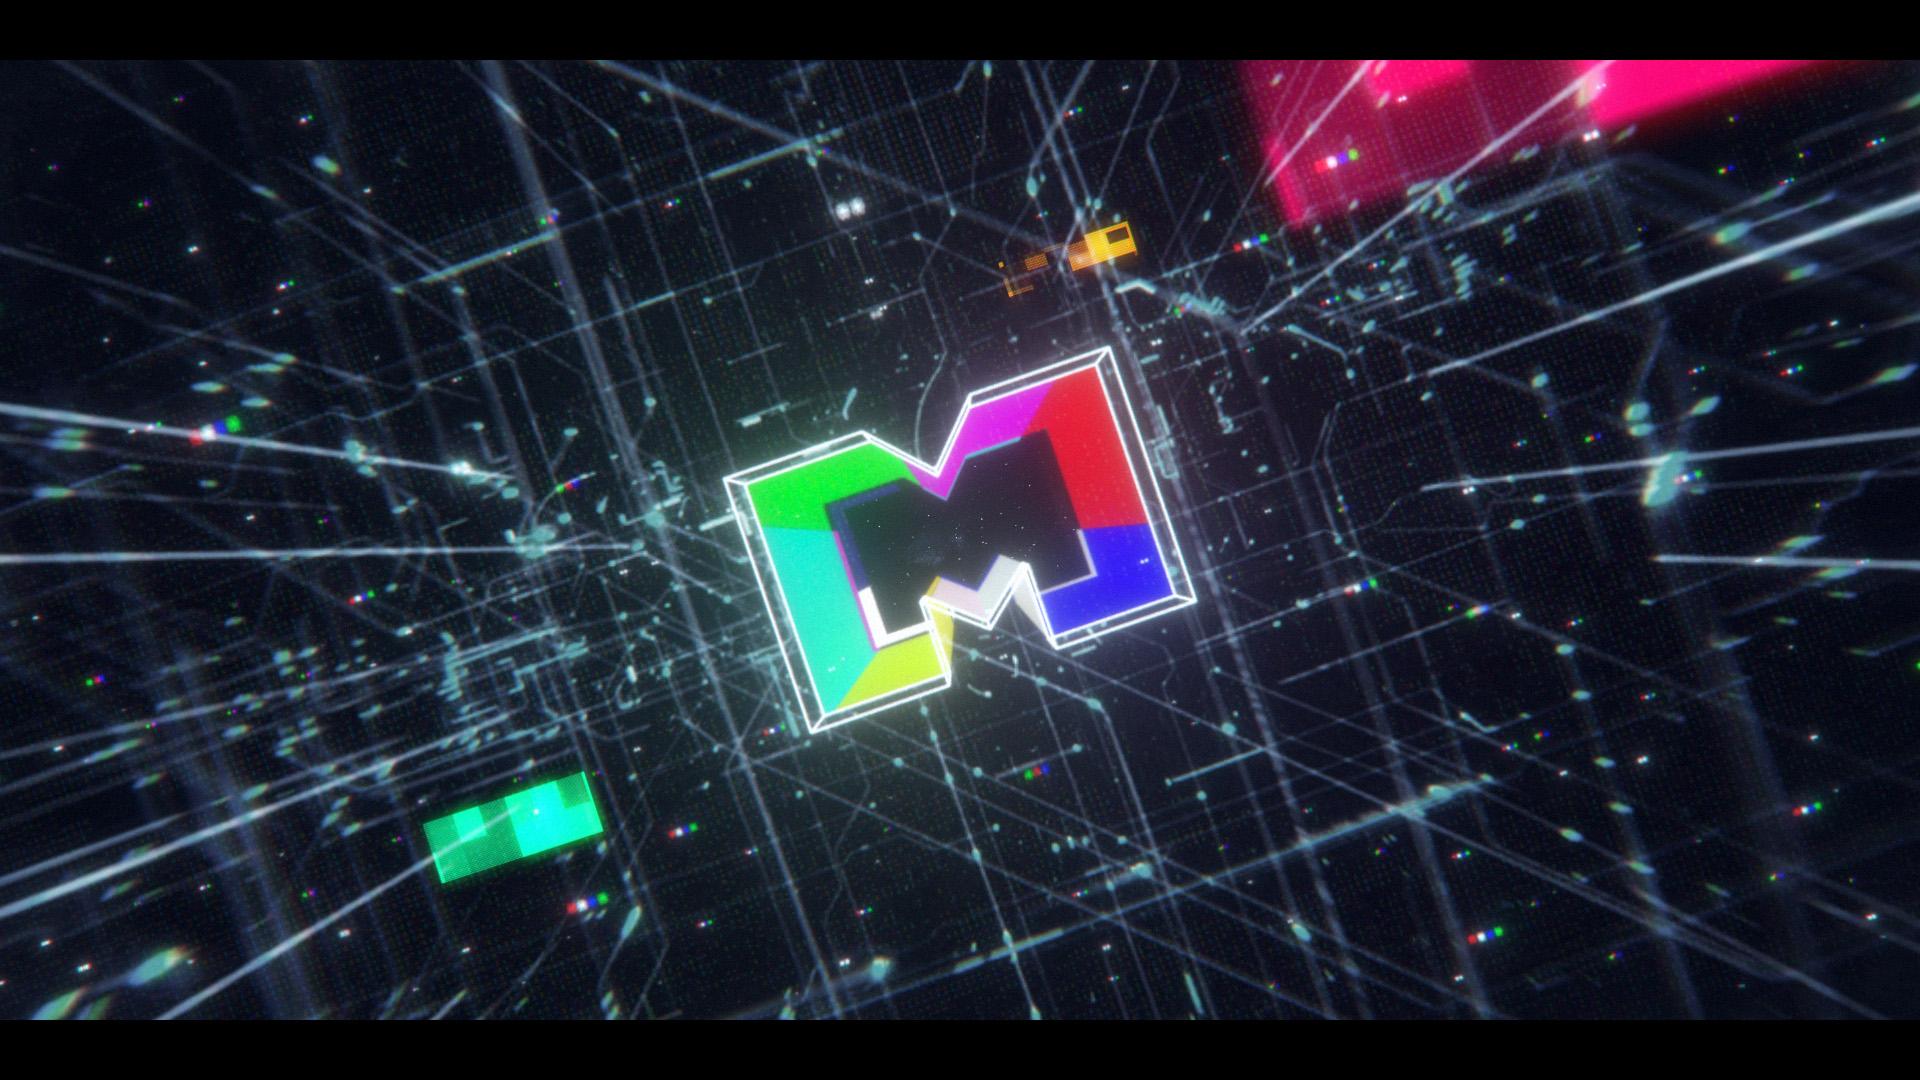 MTV_henryc_f11